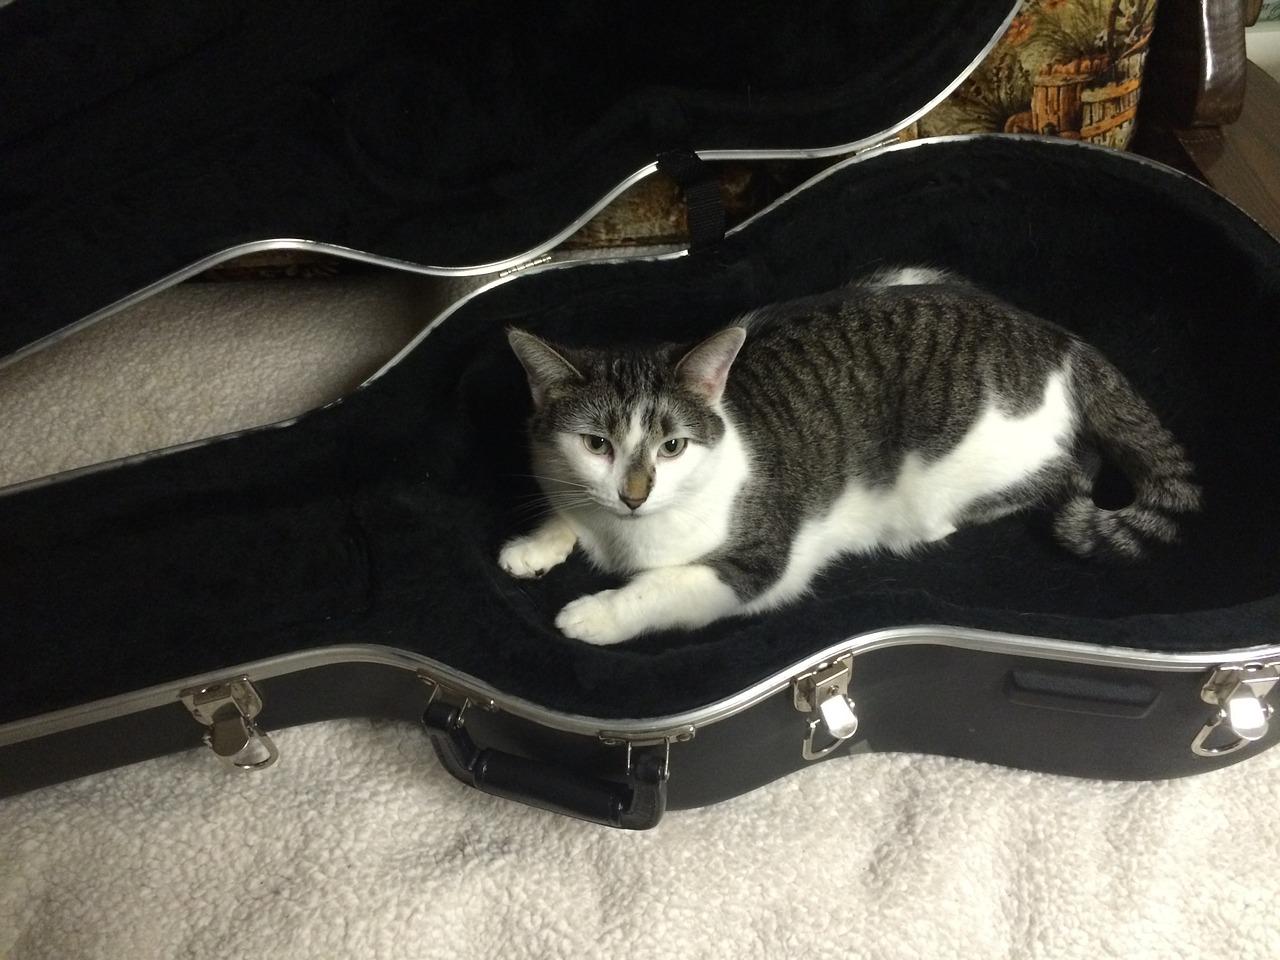 大事なギターを守るならこれでOK!ギターケース3種の違い解説!